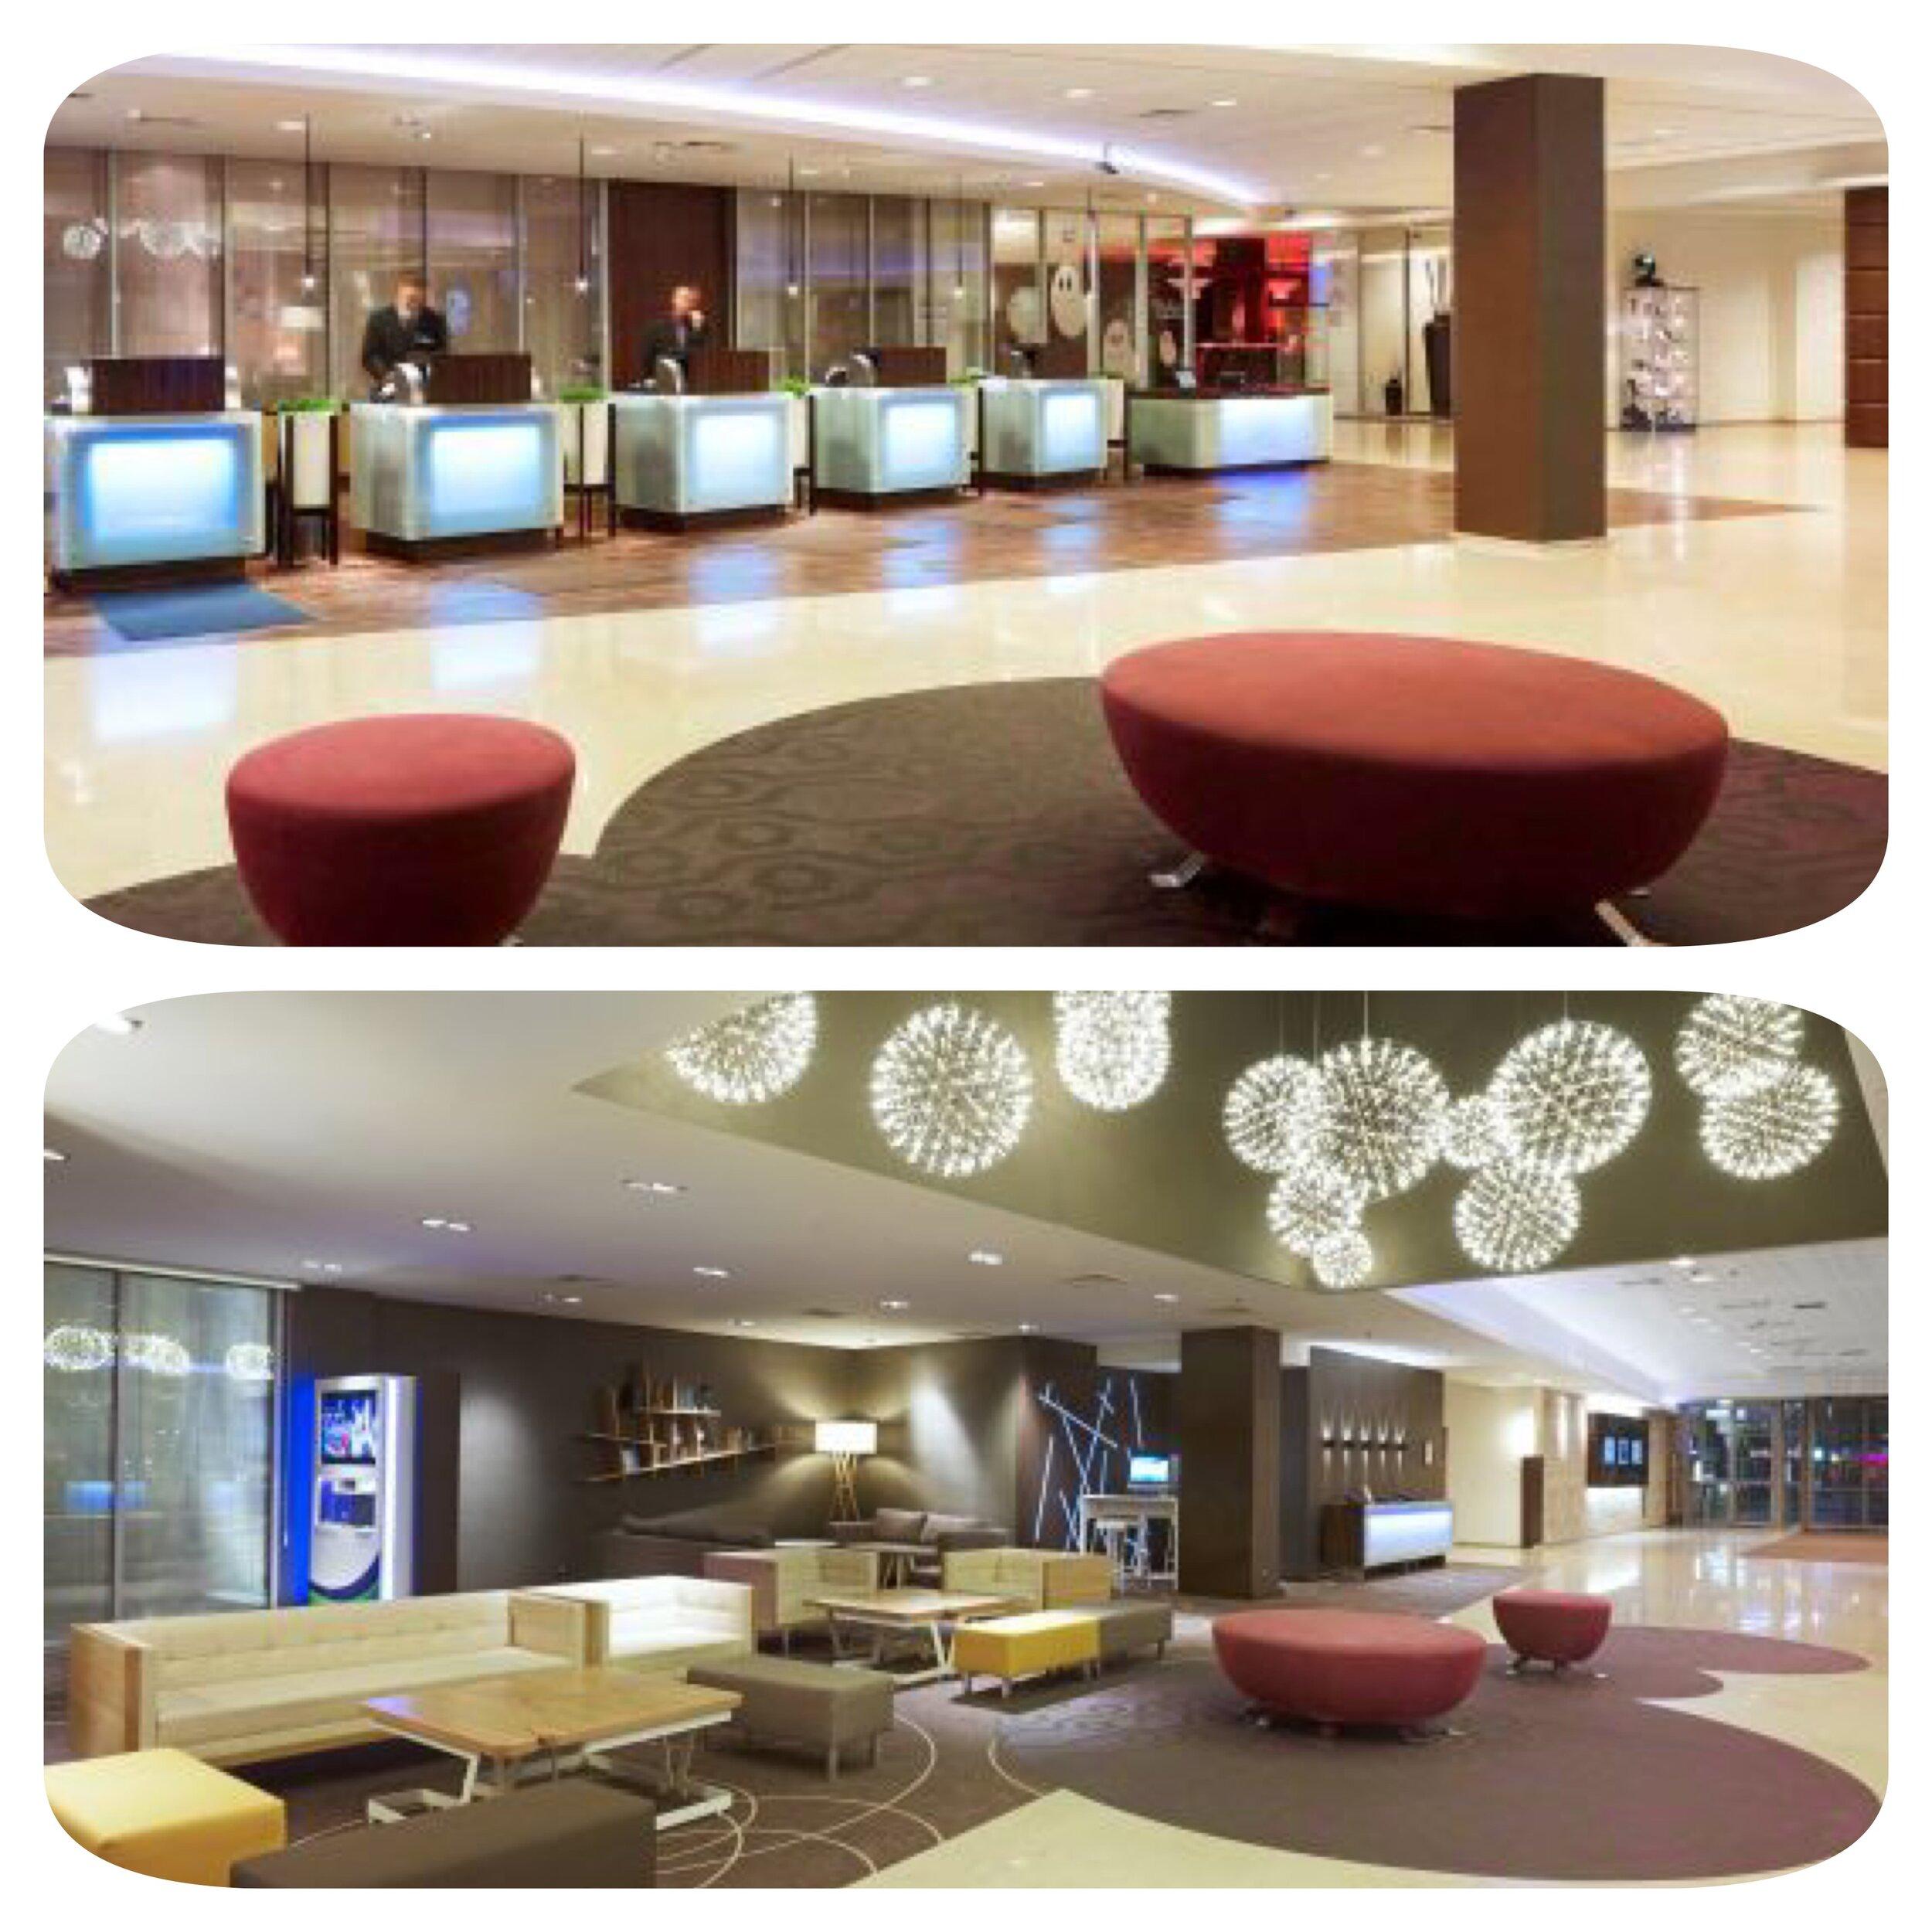 Hotel Lobby Warsaw.JPG